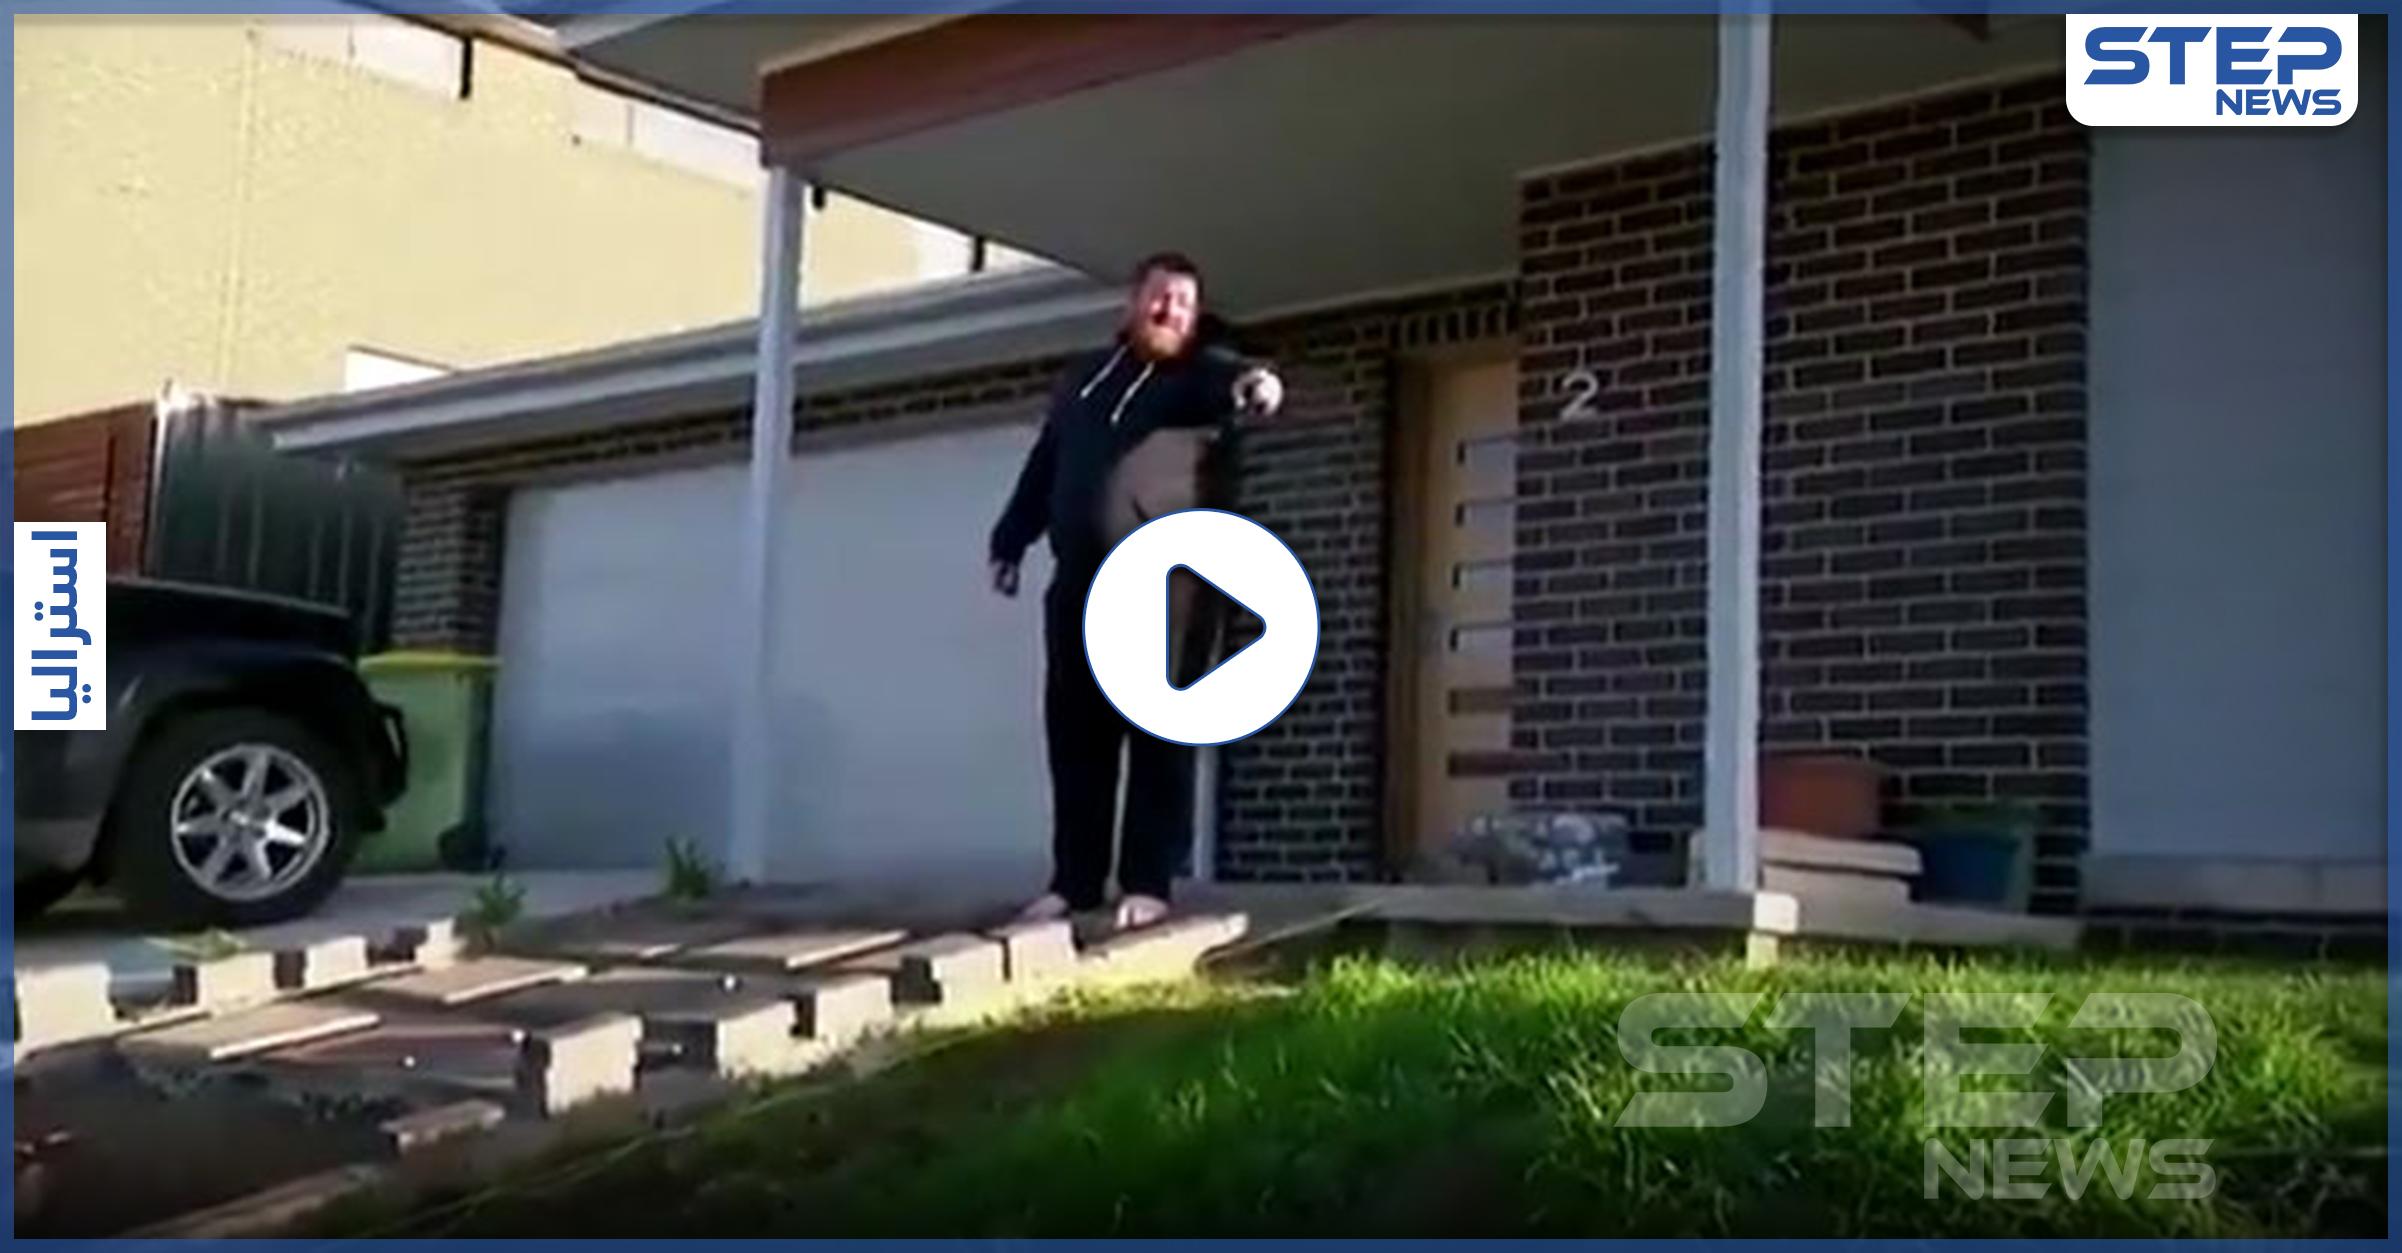 بالفيديو|| مواطن استرالي يطرد رئيس وزراء بلاده من منزله خلال بث مباشر